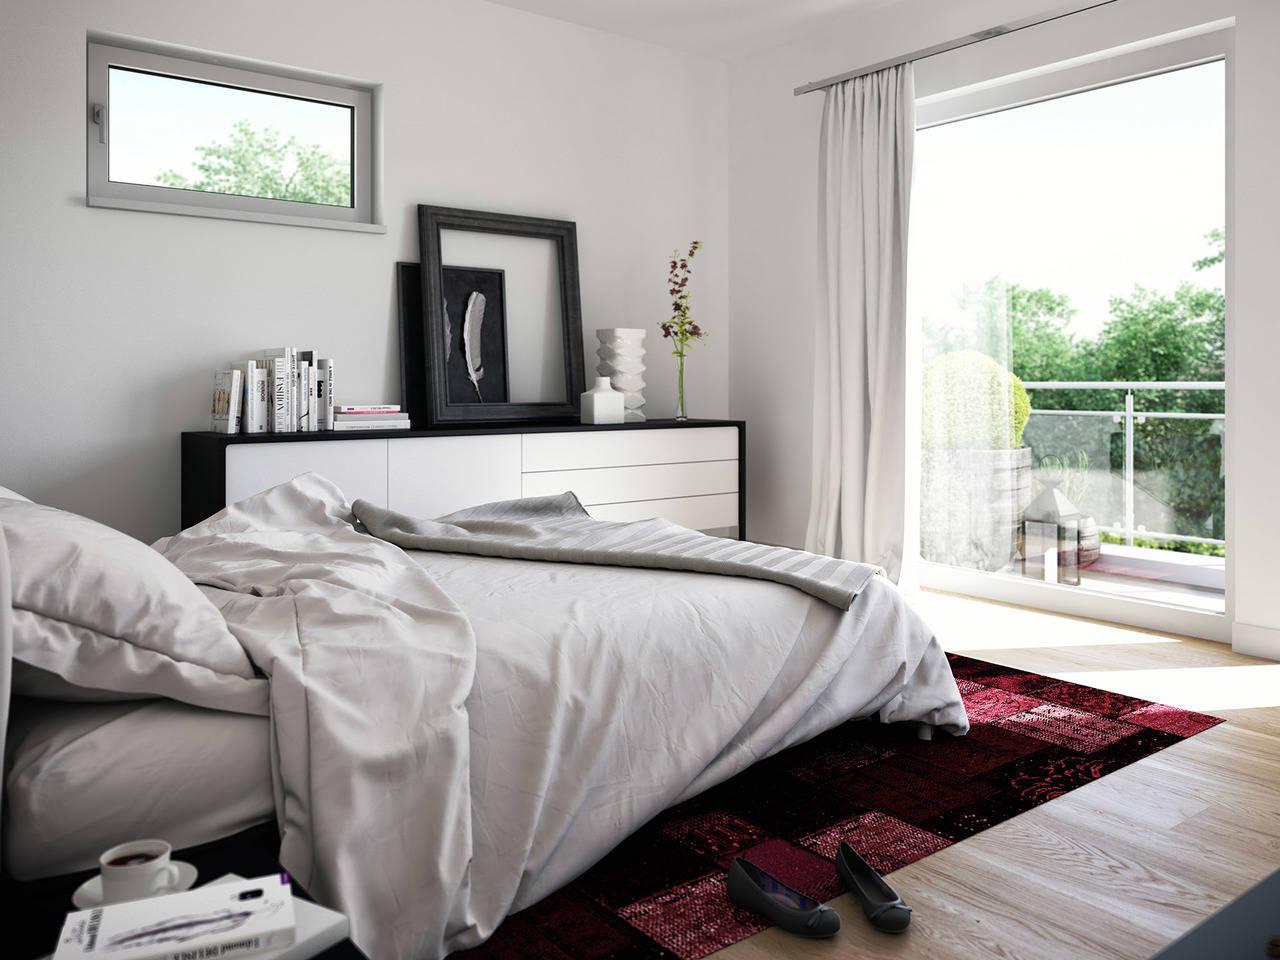 Haus SOLUTION 134 V2 Schlafzimmer von Living Haus